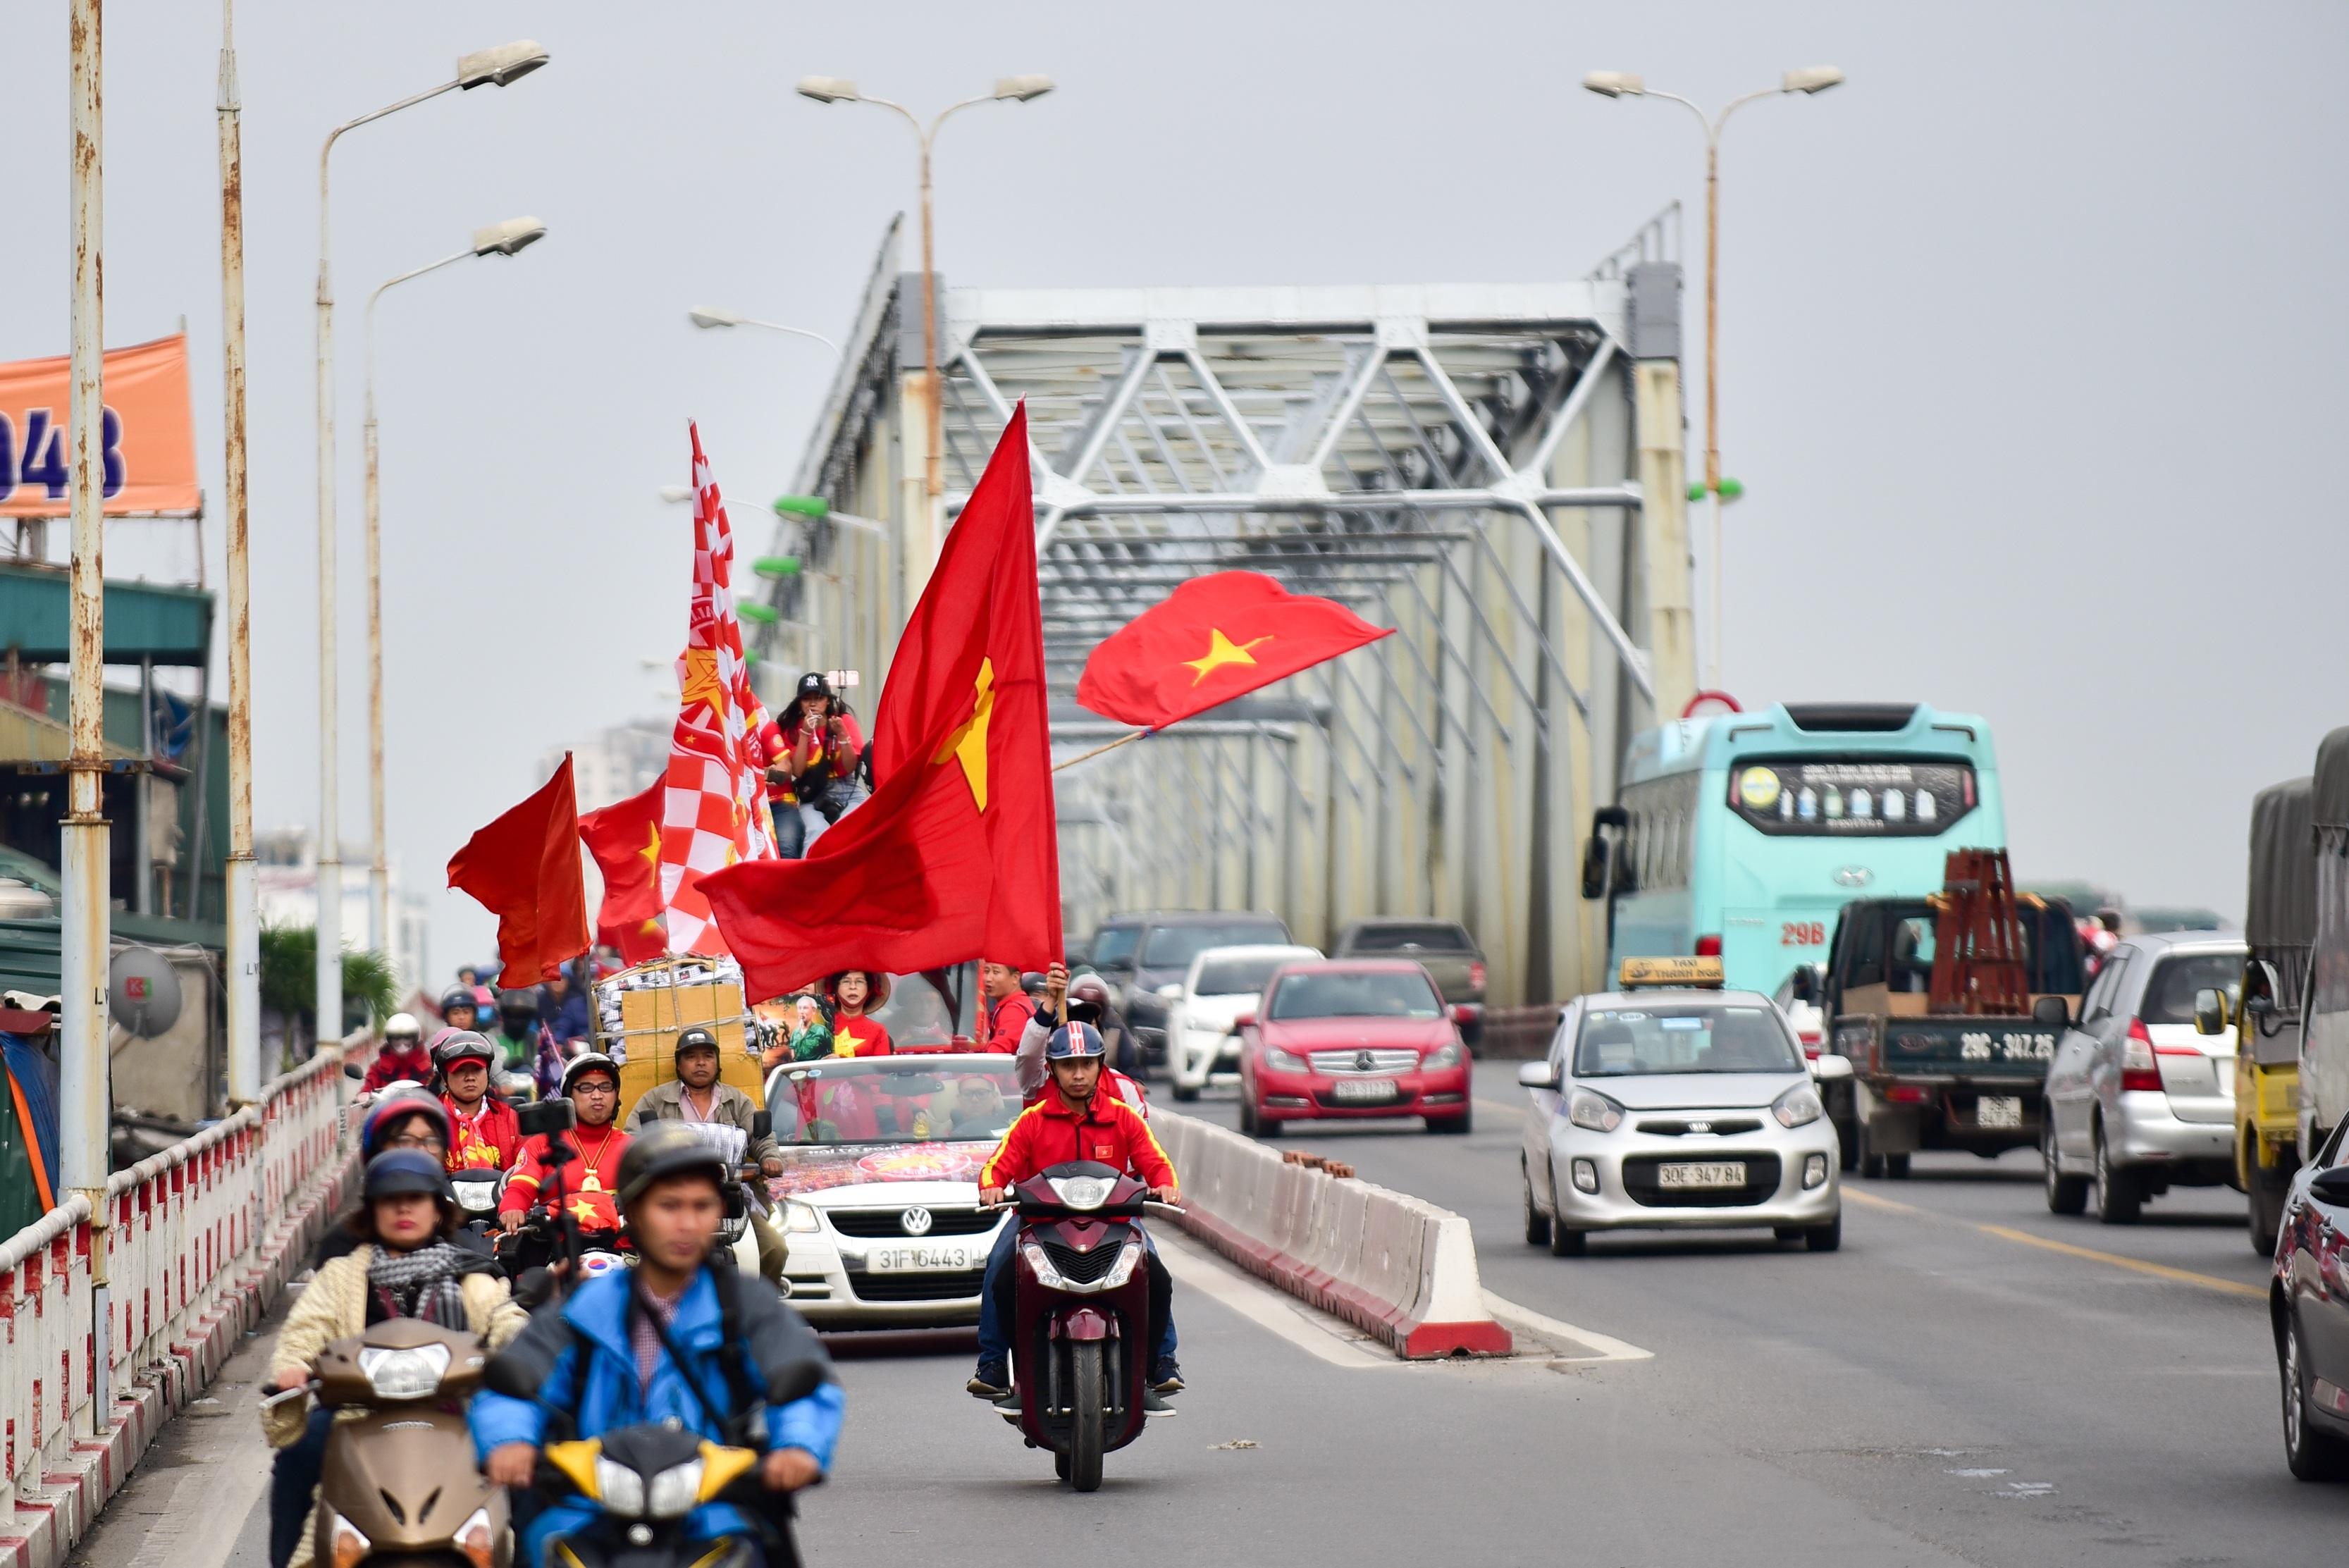 Cổ động viên tiếp lửa cho đội tuyển Việt Nam trước trận gặp Thái Lan - 4